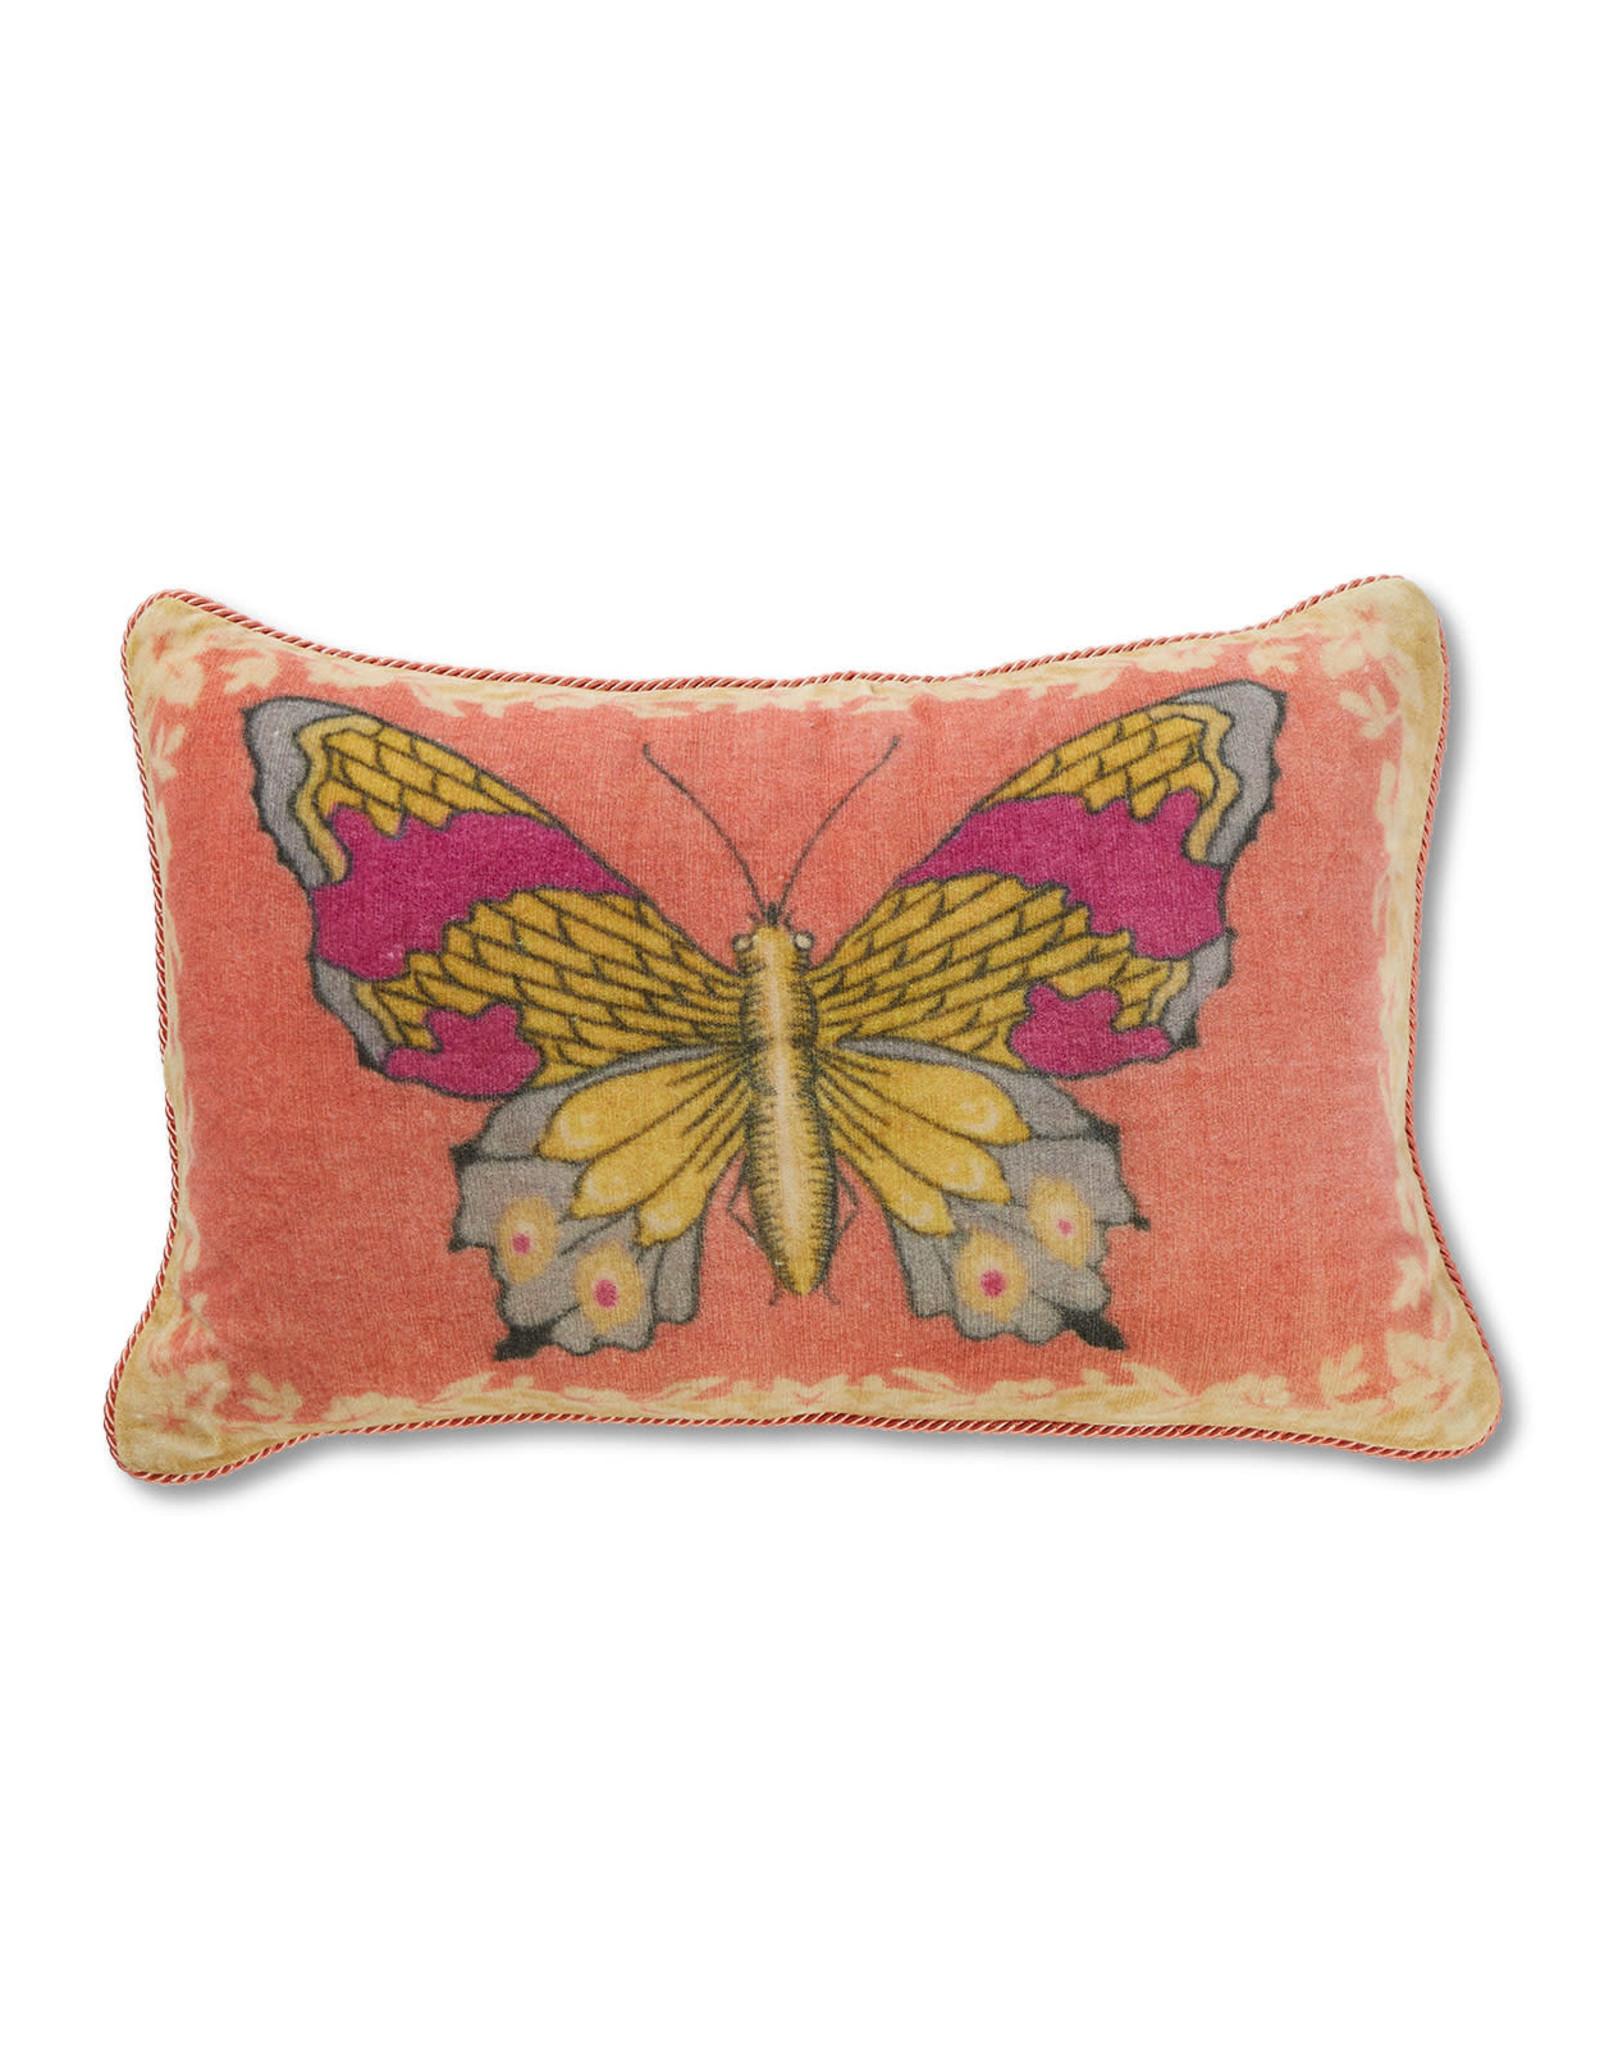 April Cornell Velvet Cushion (mariposa rose)   April Cornell